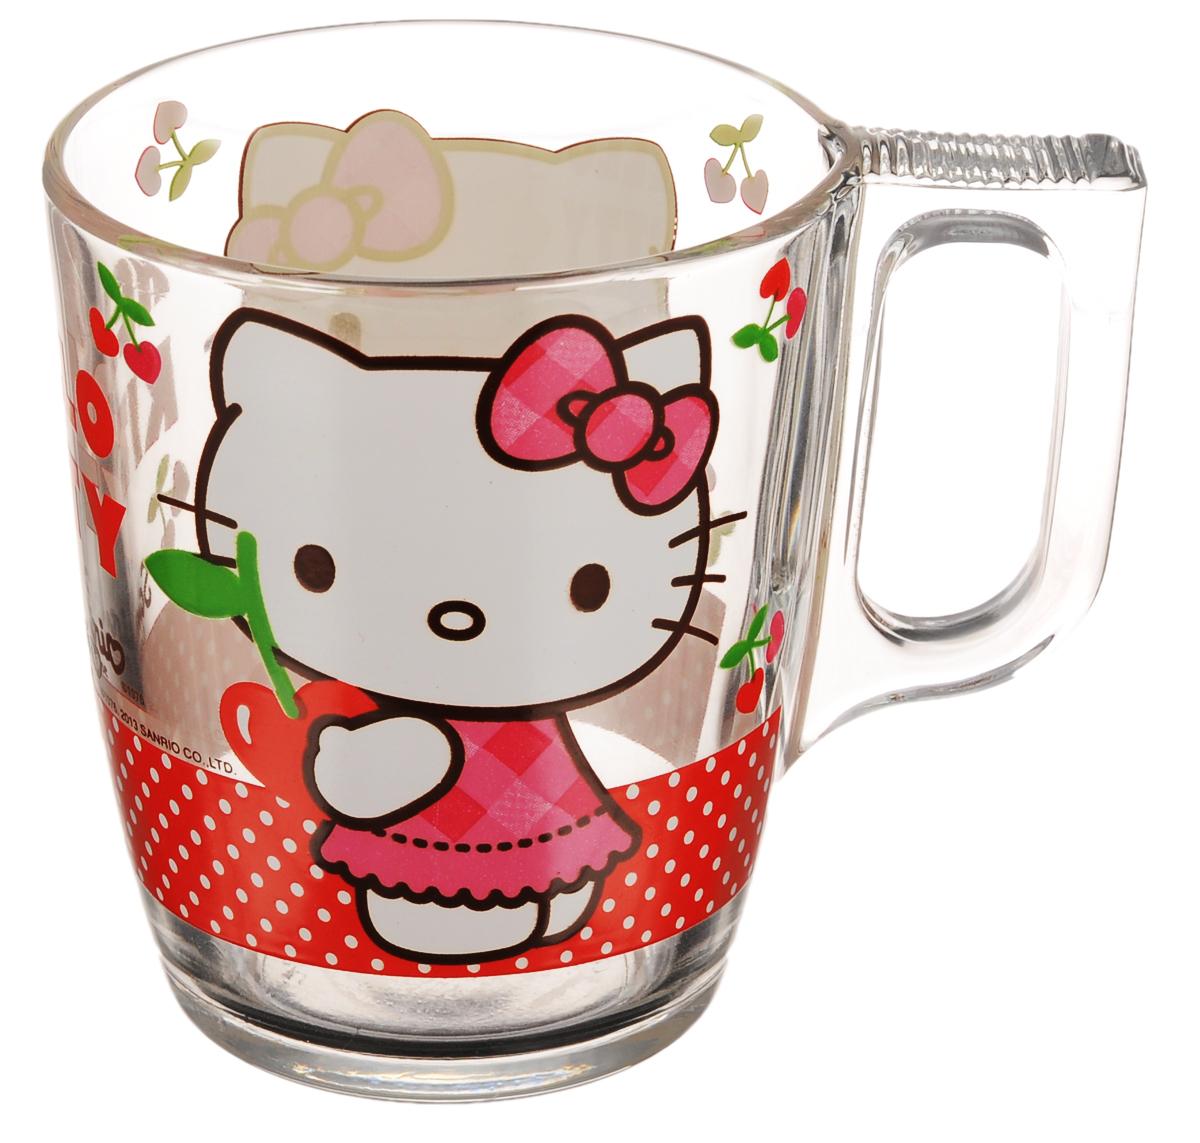 Кружка Luminarc Hello Kitty Cherries, 250 млJ0026Кружка Luminarc Hello Kitty Cherries изготовлена из ударопрочного стекла. Такая кружка прекрасно подойдет для горячих и холодных напитков. Она дополнит коллекцию вашей кухонной посуды и будет служить долгие годы. Диаметр кружки (по верхнему краю): 7,5 см. Высота кружки: 9,4 см.